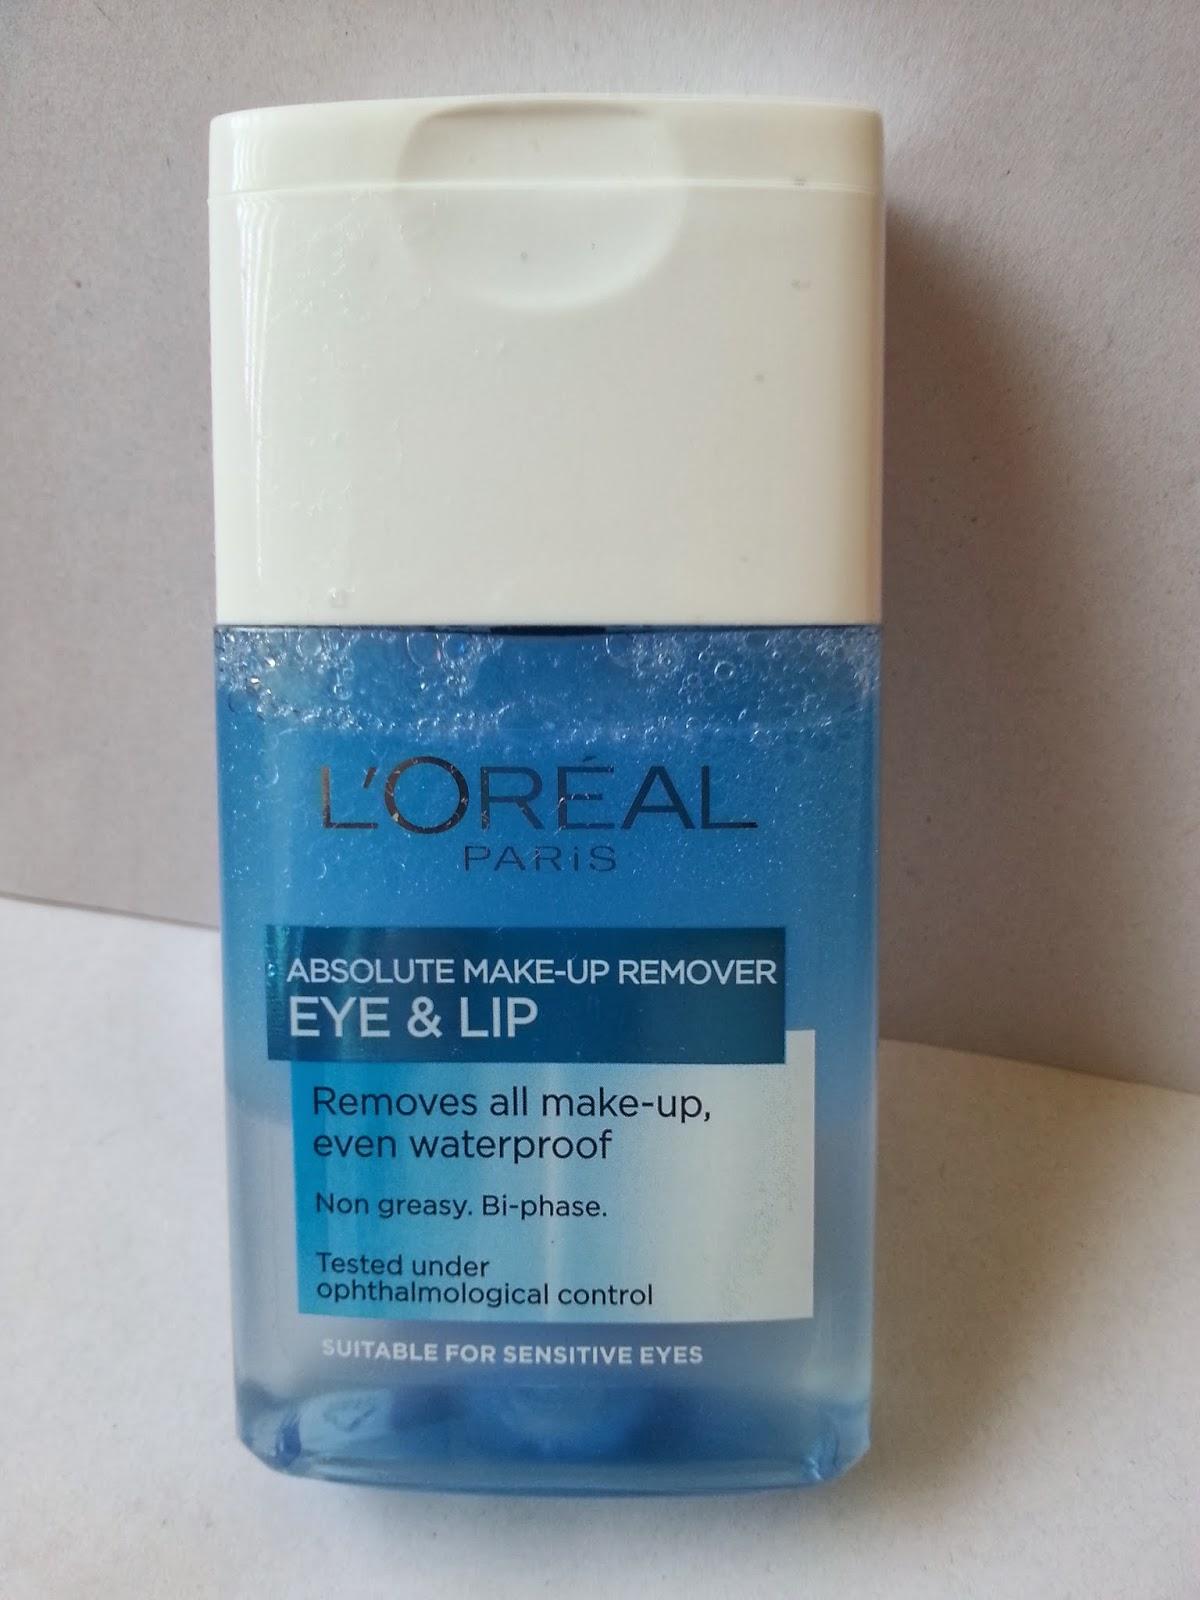 Loreal eye makeup remover